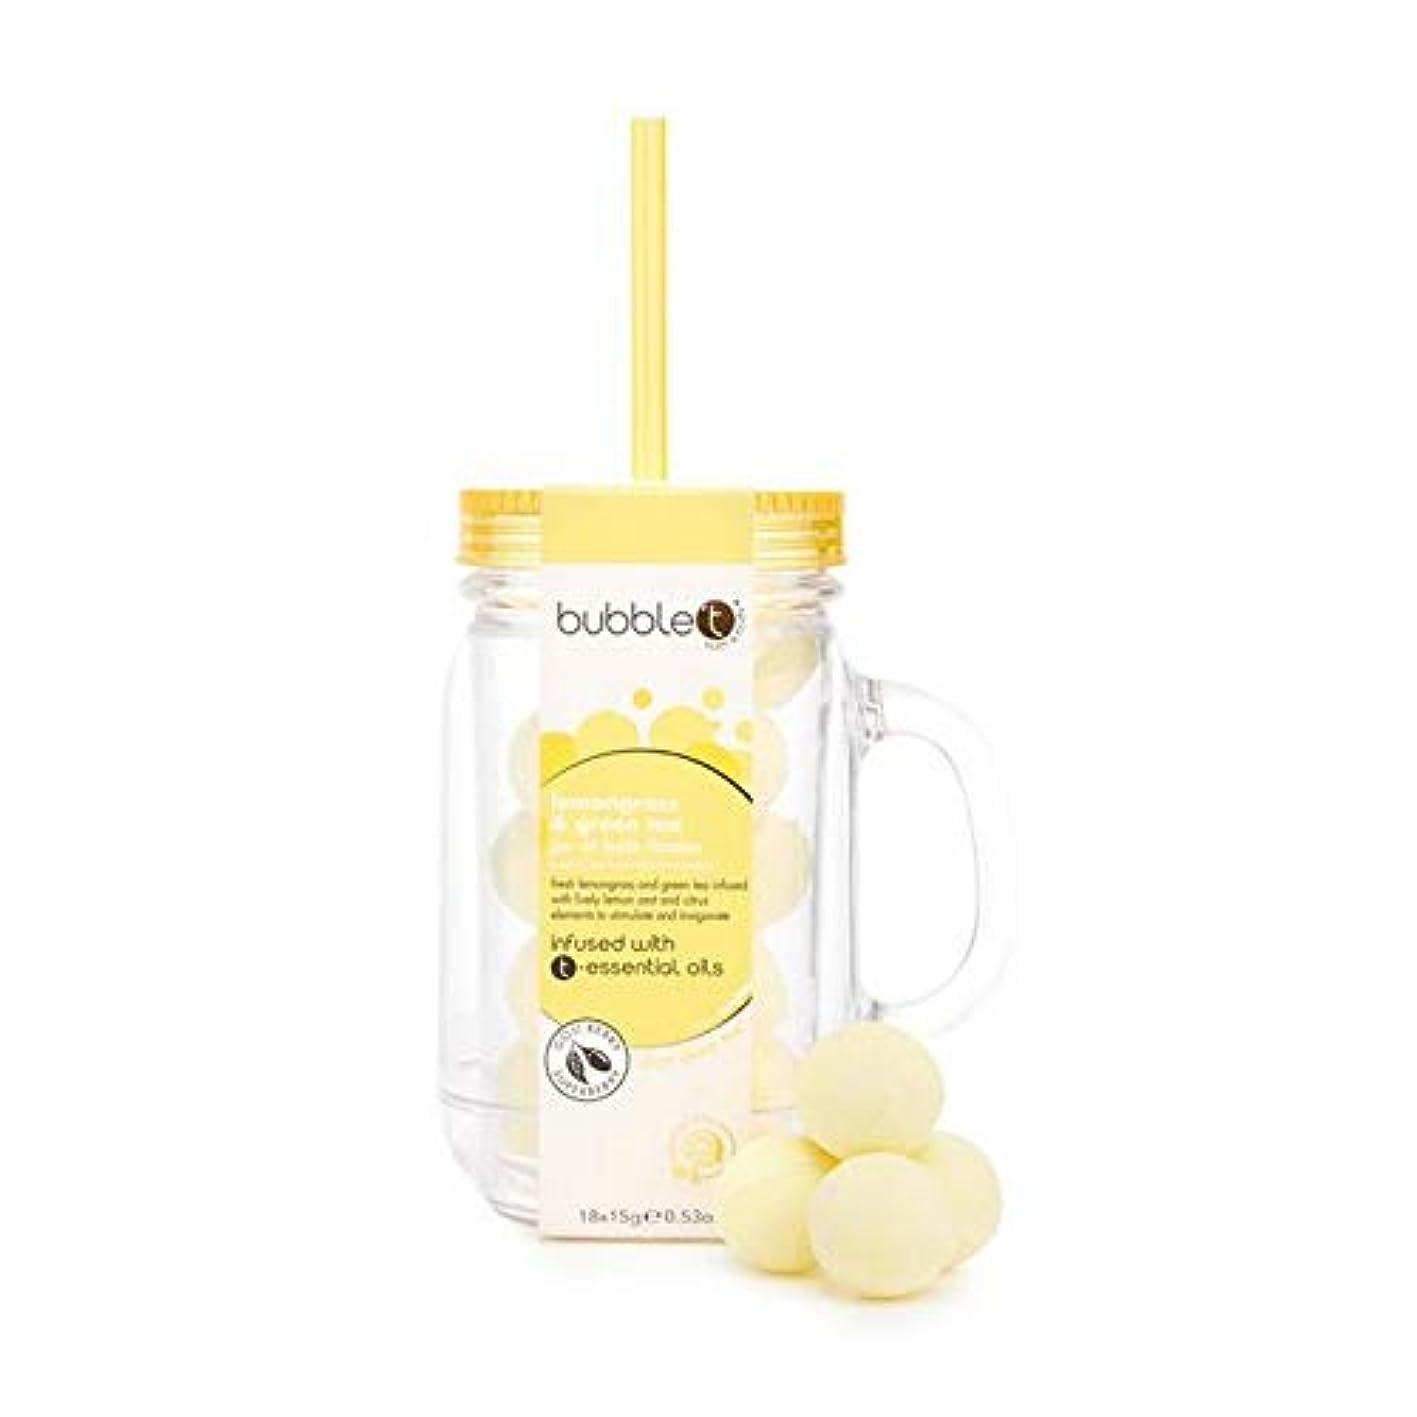 窒息させる伝統散らす[BUBBLE T] バブルトン風呂Fizziesメイソンジャー、レモングラス&緑茶 - Bubble T Bath Fizzies Mason Jar, Lemongrass & Green Tea [並行輸入品]